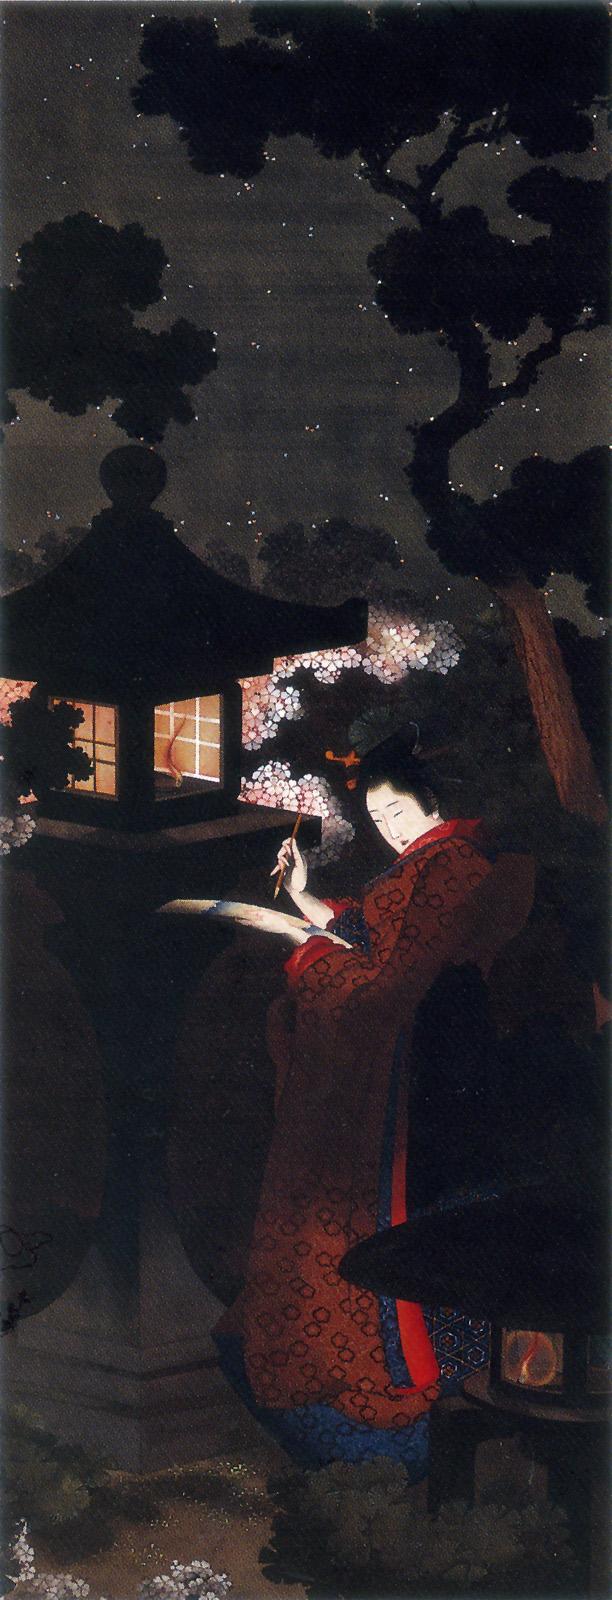 葛飾応為 夜桜美人図